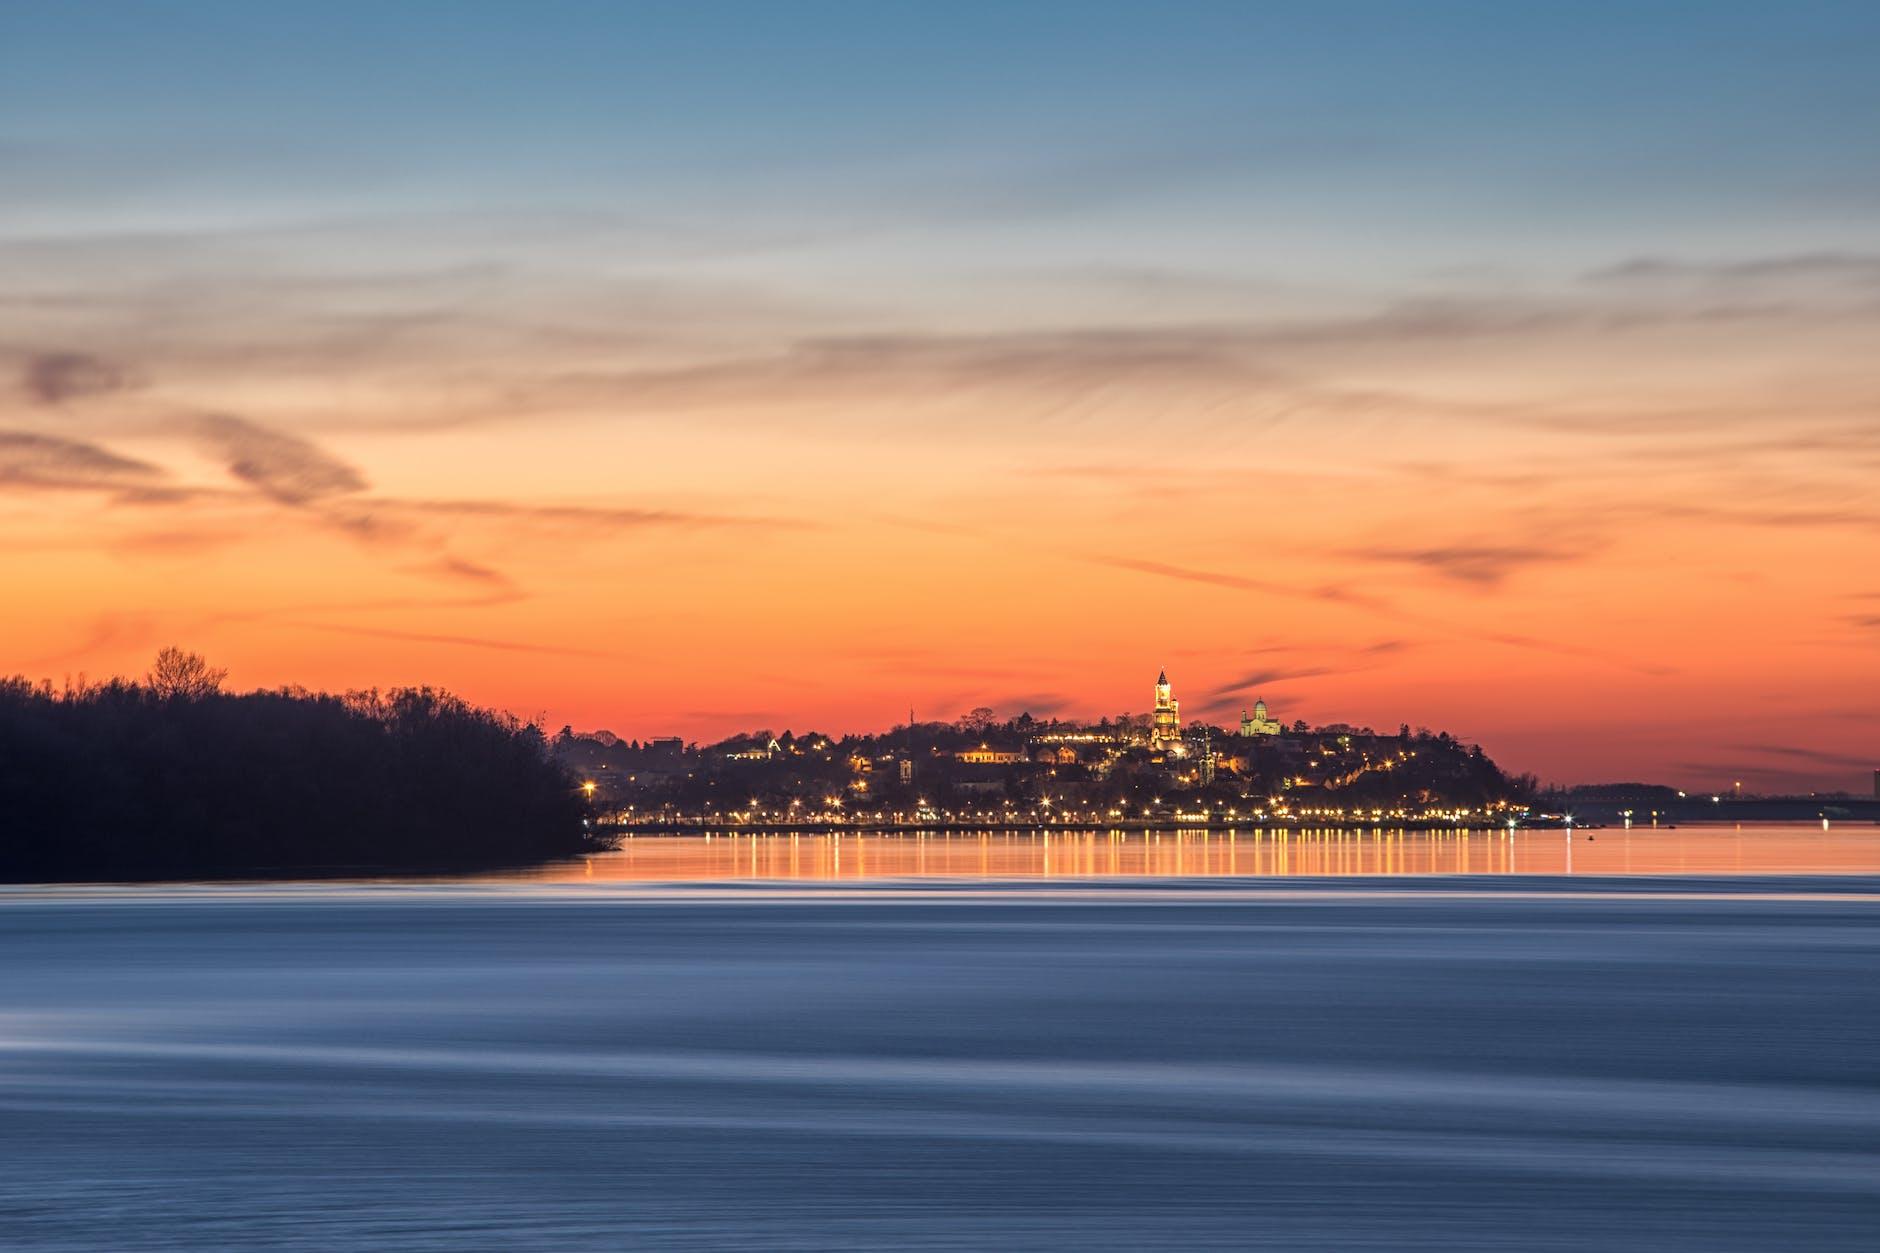 En Güzel Belgrad Fotoğrafları Resim Galerisi - 3DKonut